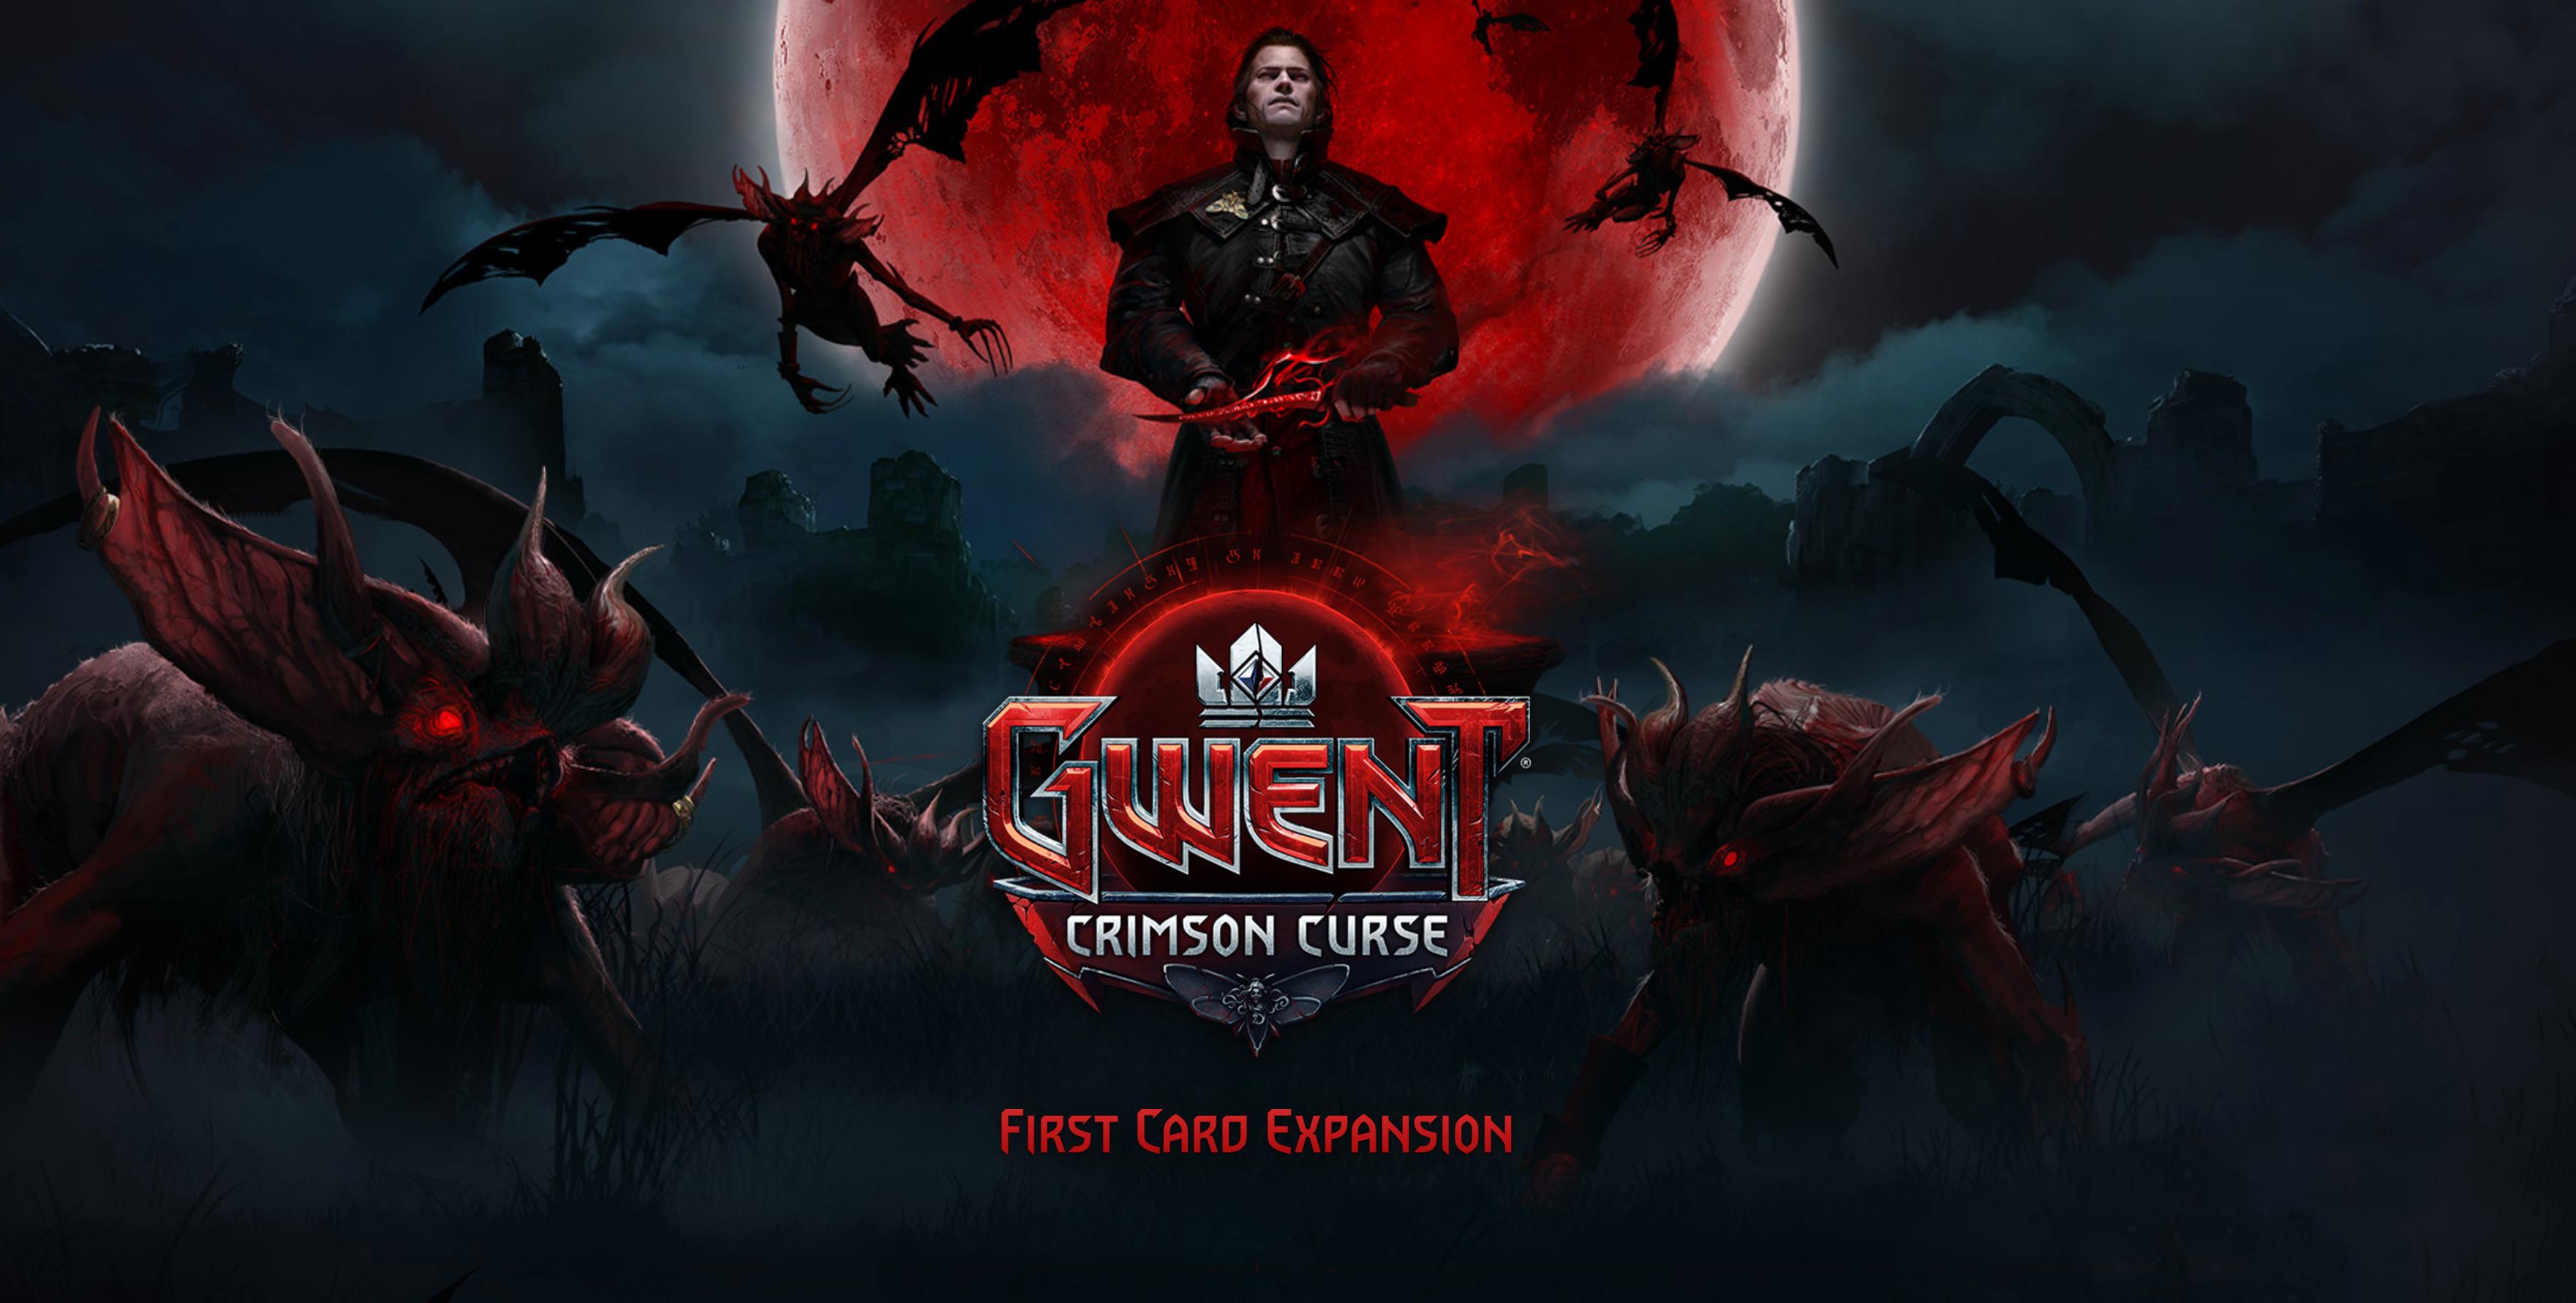 Crimson Curse la expansión para Gwent llega este mes